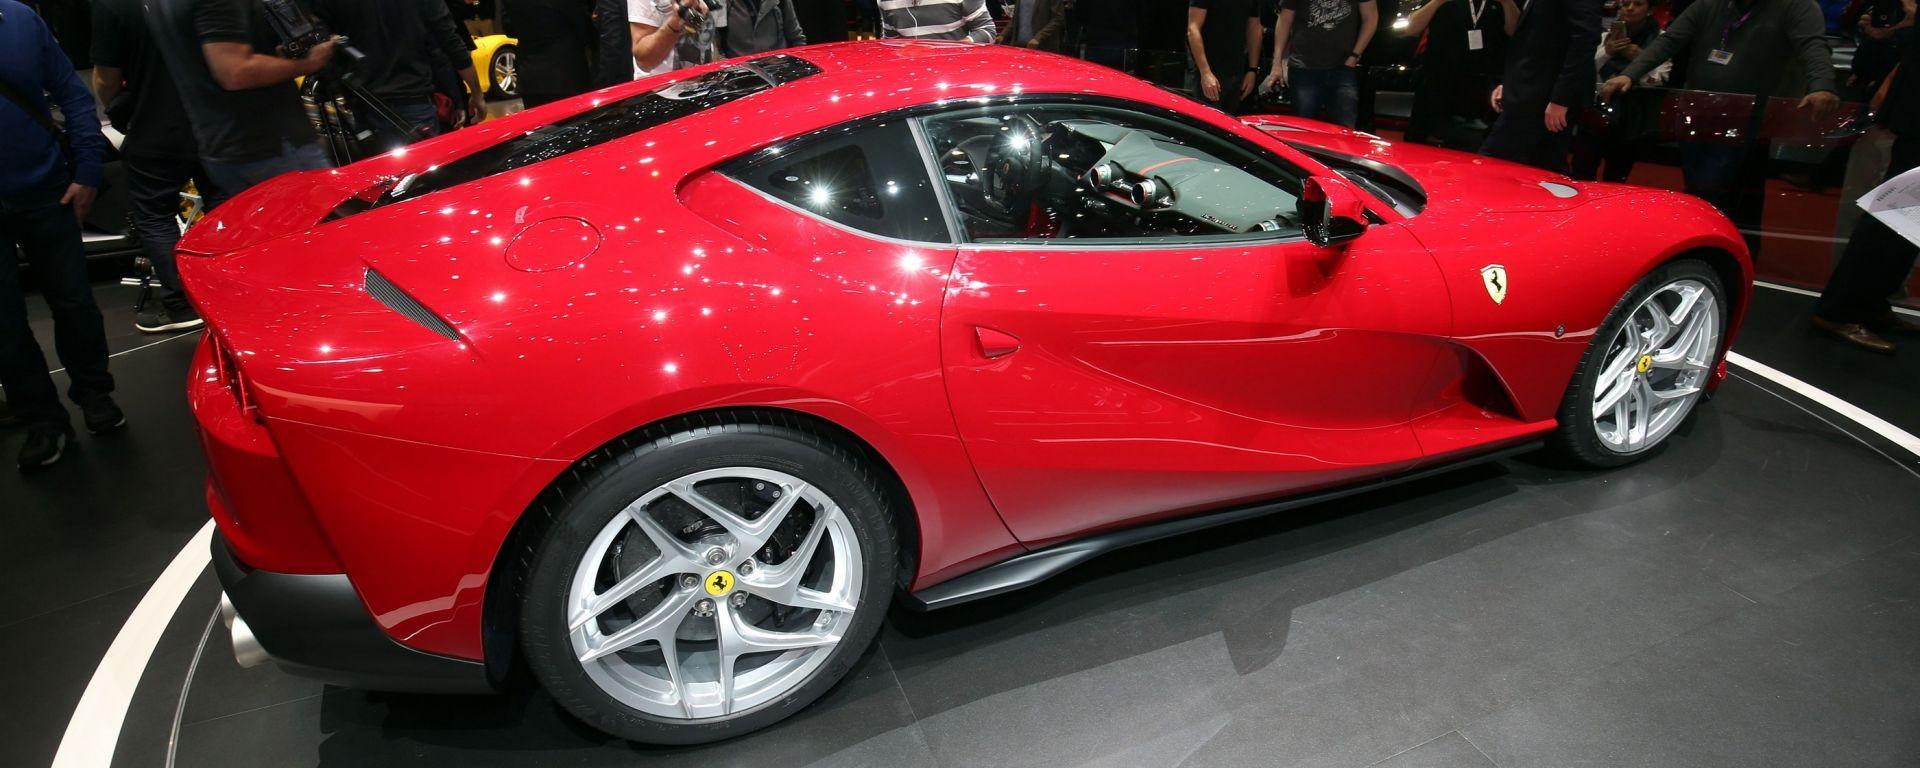 Ferrari 812 Superfast al Salone di Ginevra 2017